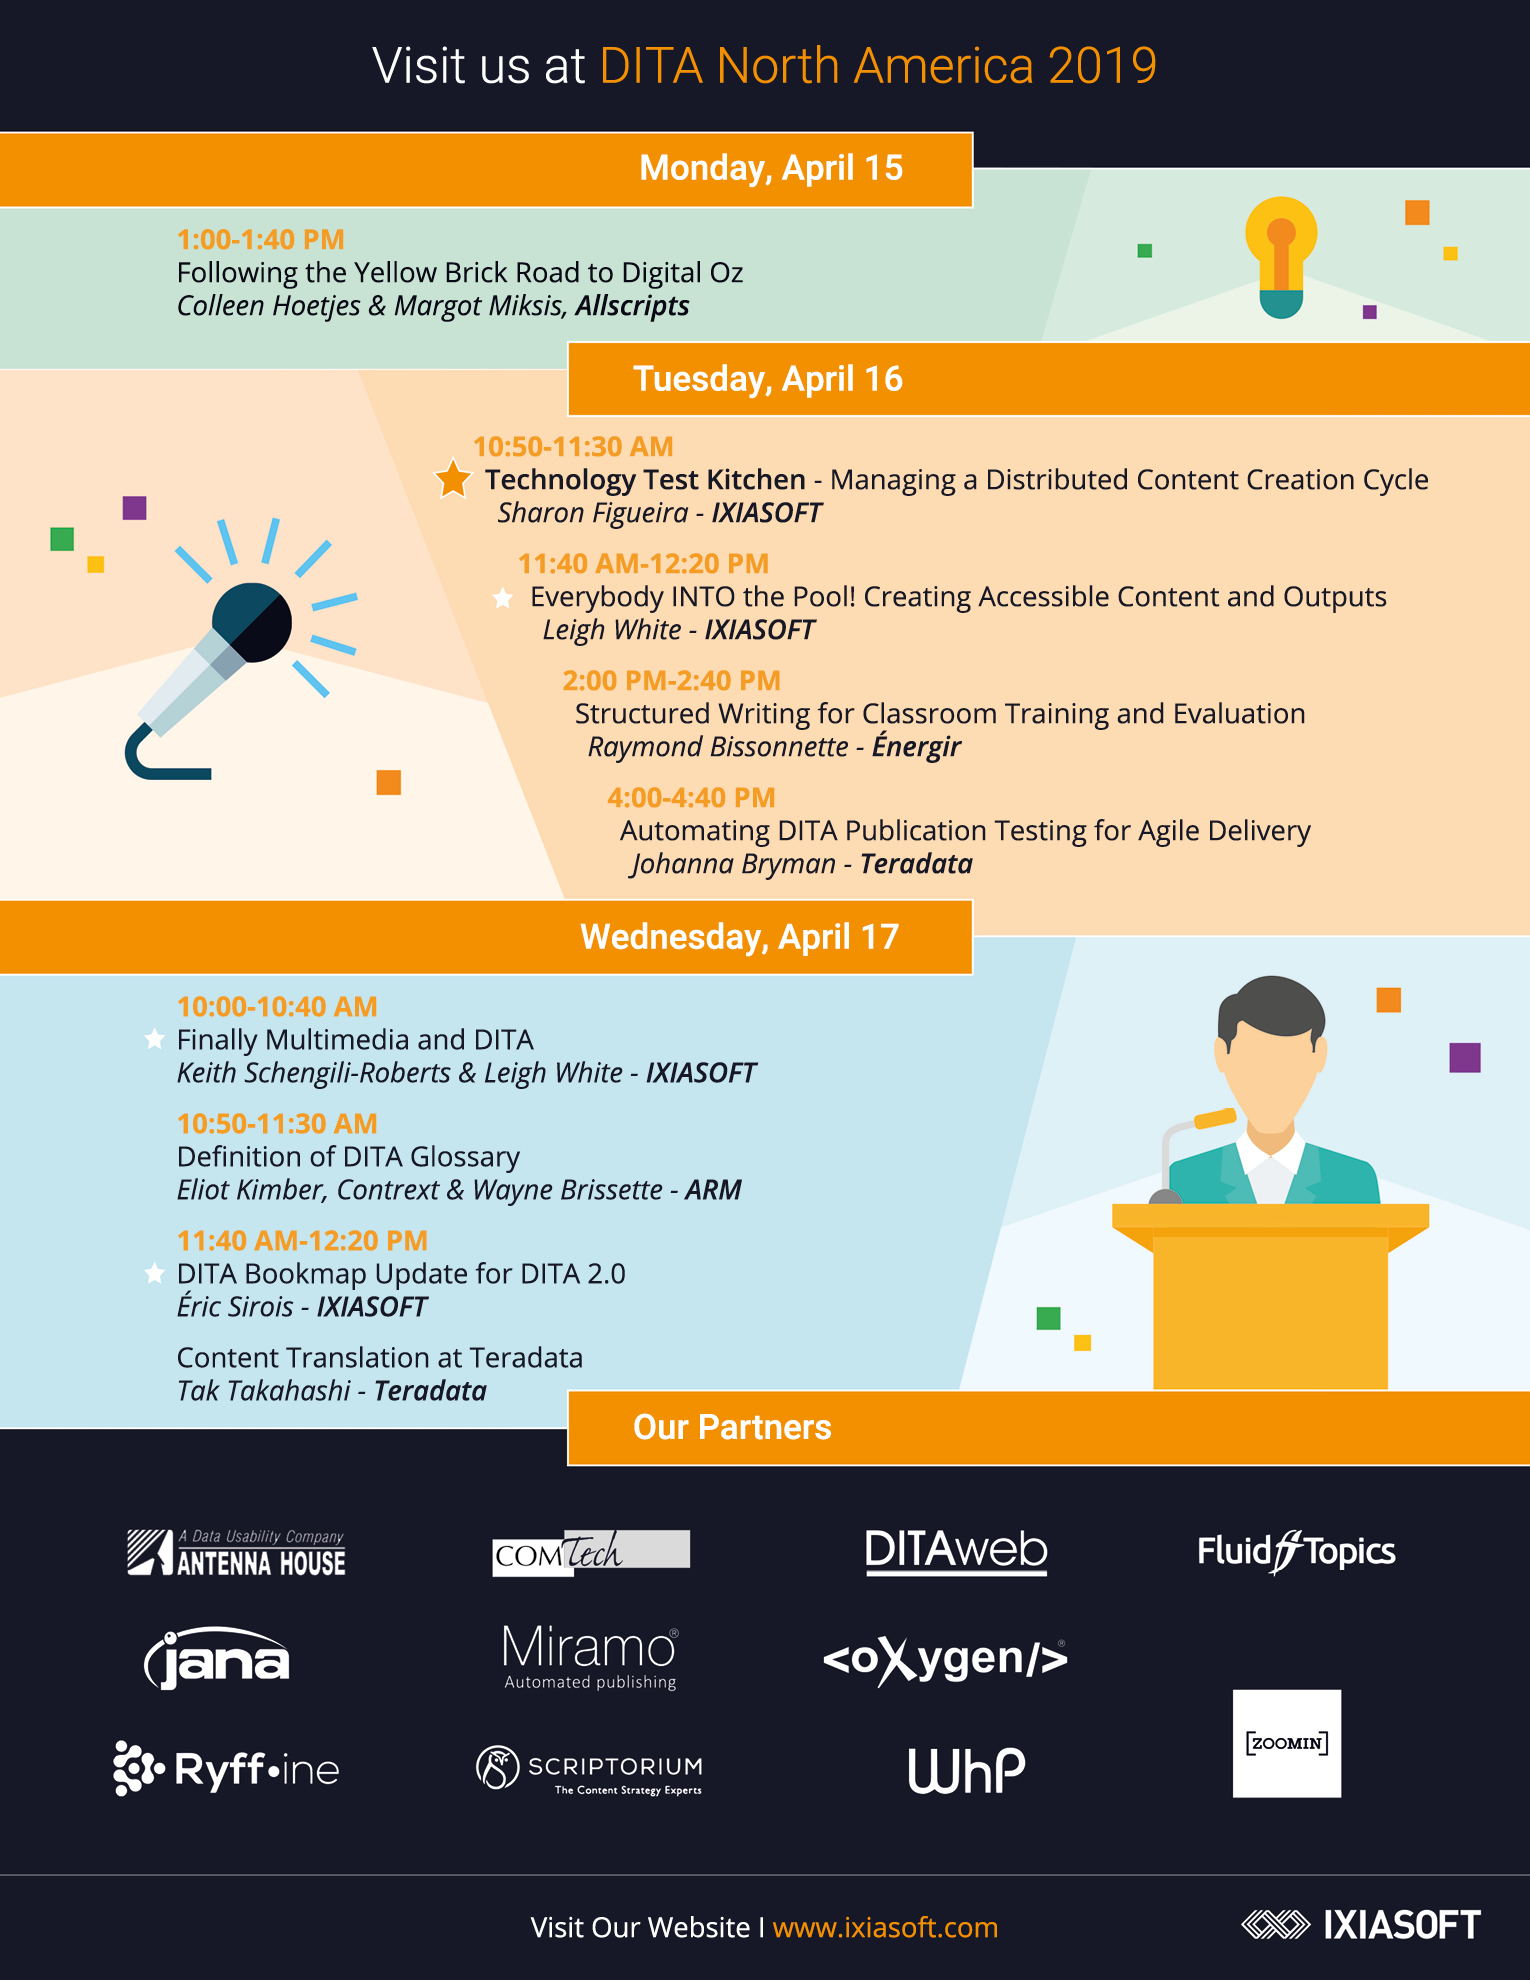 Calendrier des événements - Conférences et salons - IXIASOFT CCMS